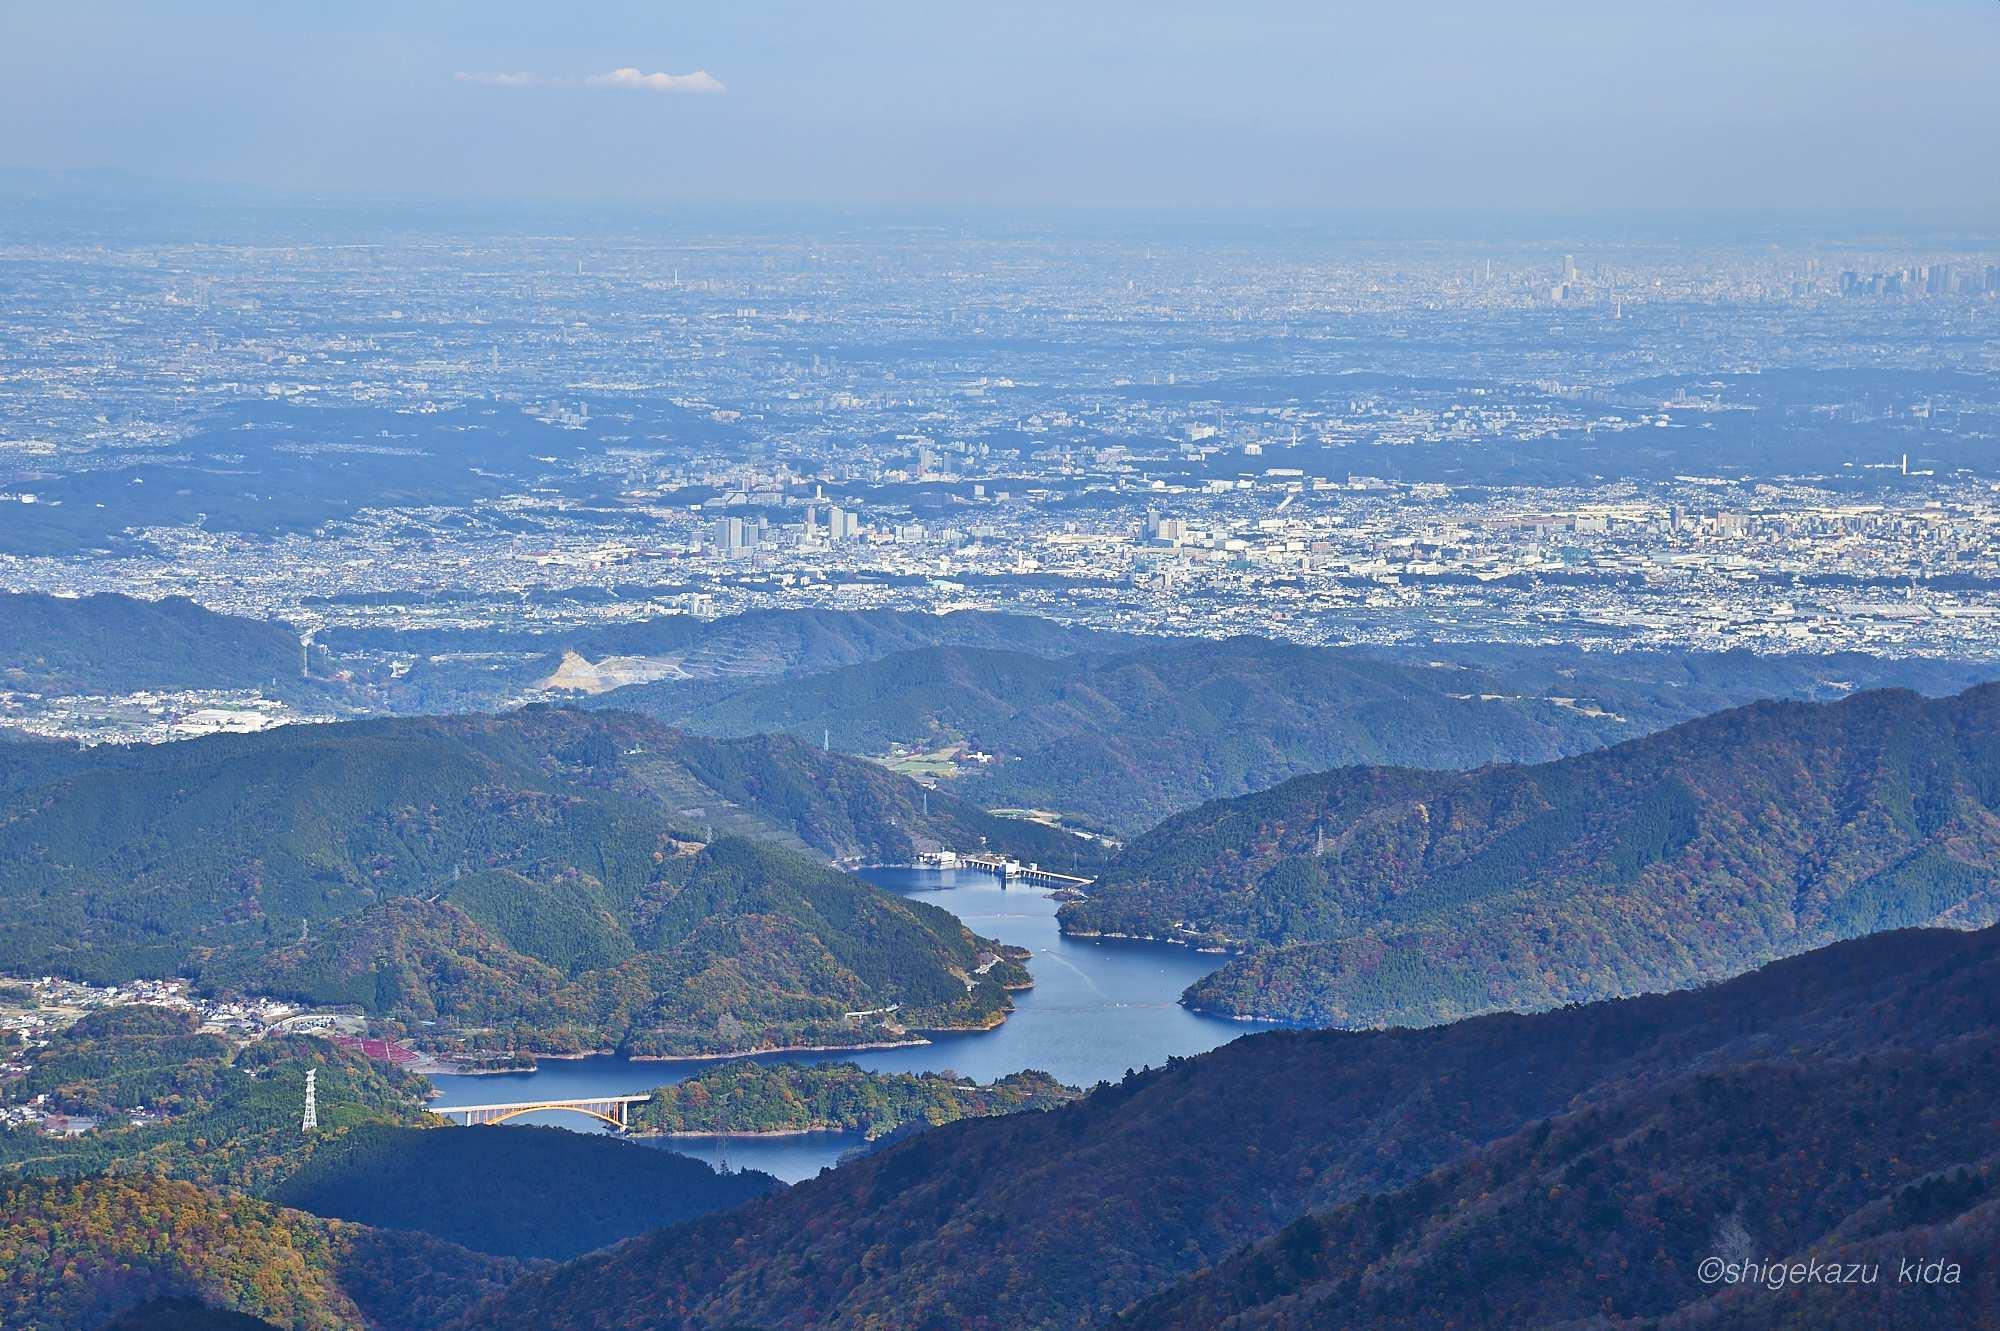 丹沢蛭ヶ岳から見える宮ヶ瀬湖